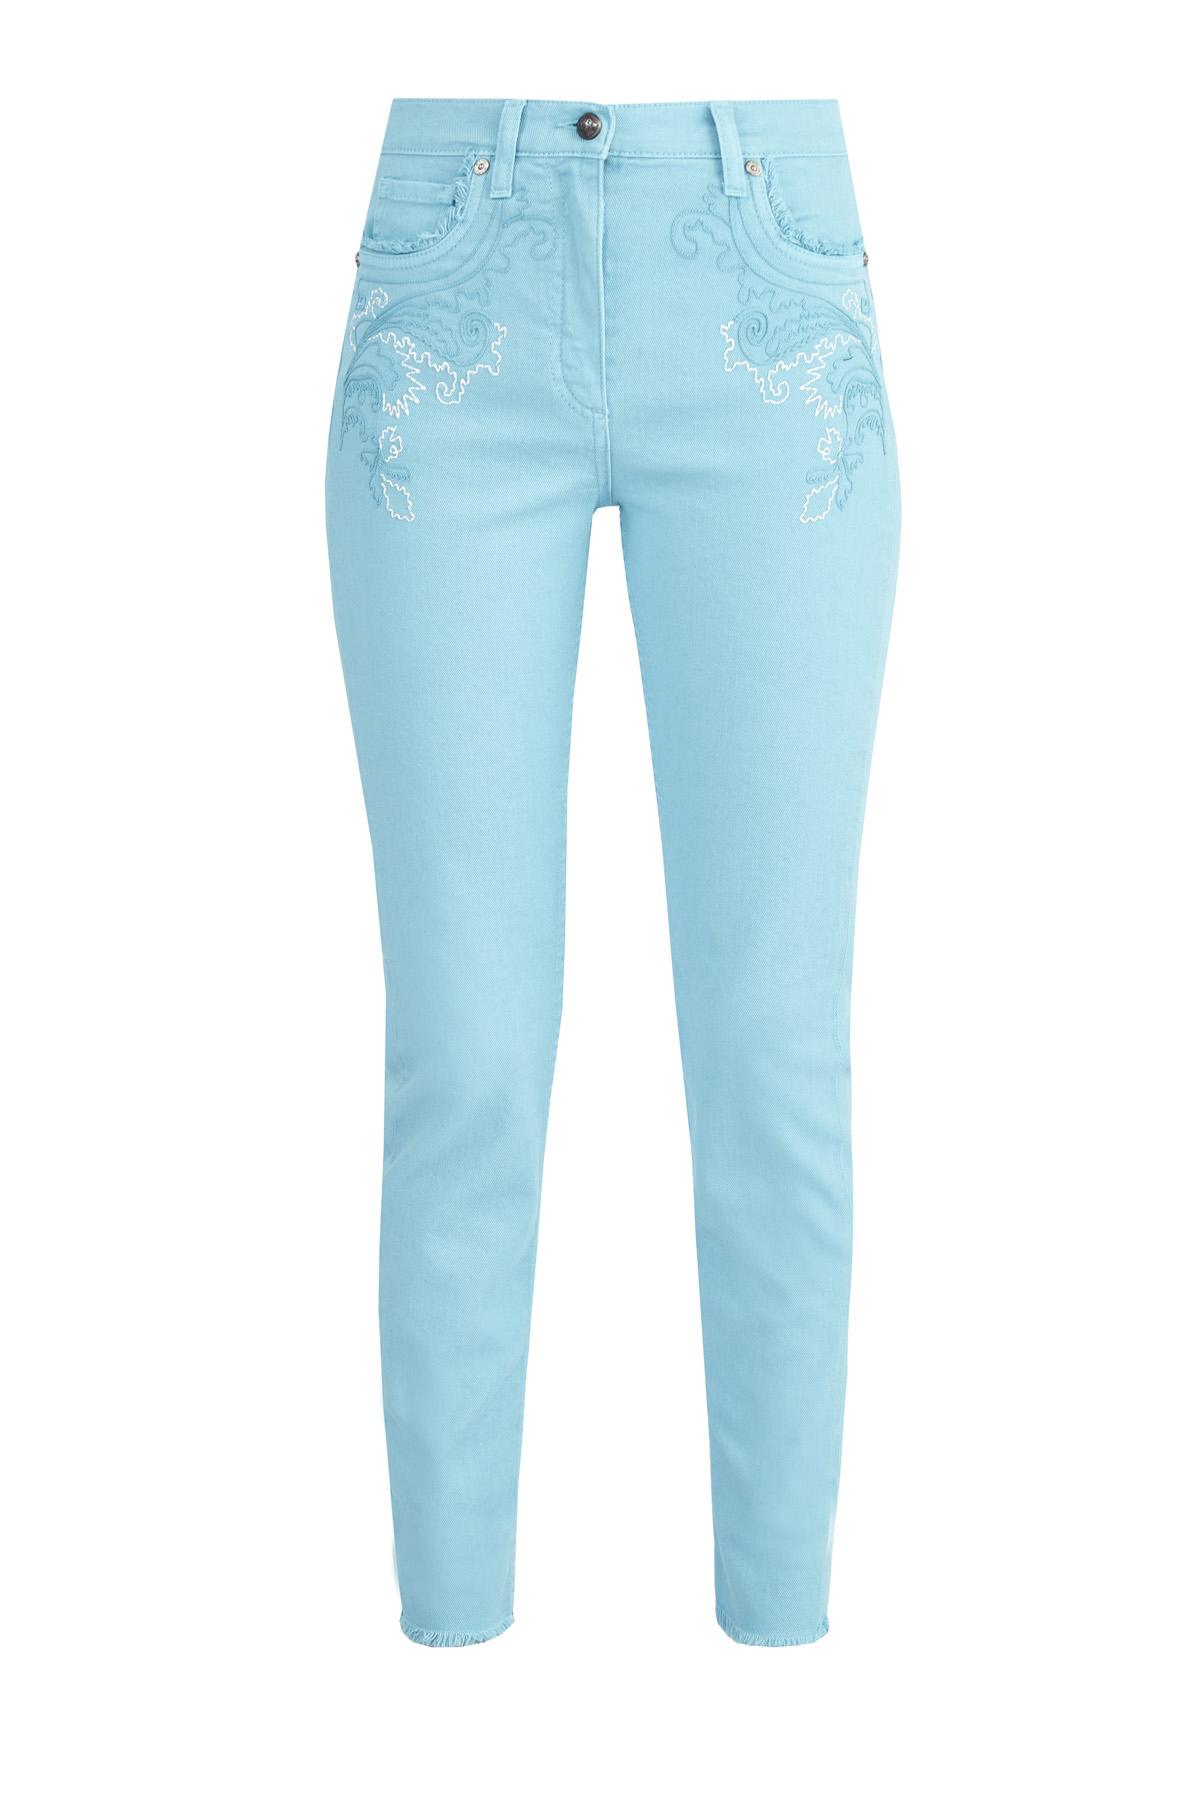 Зауженные джинсы на высокой посадке с вышивкой ручной работы